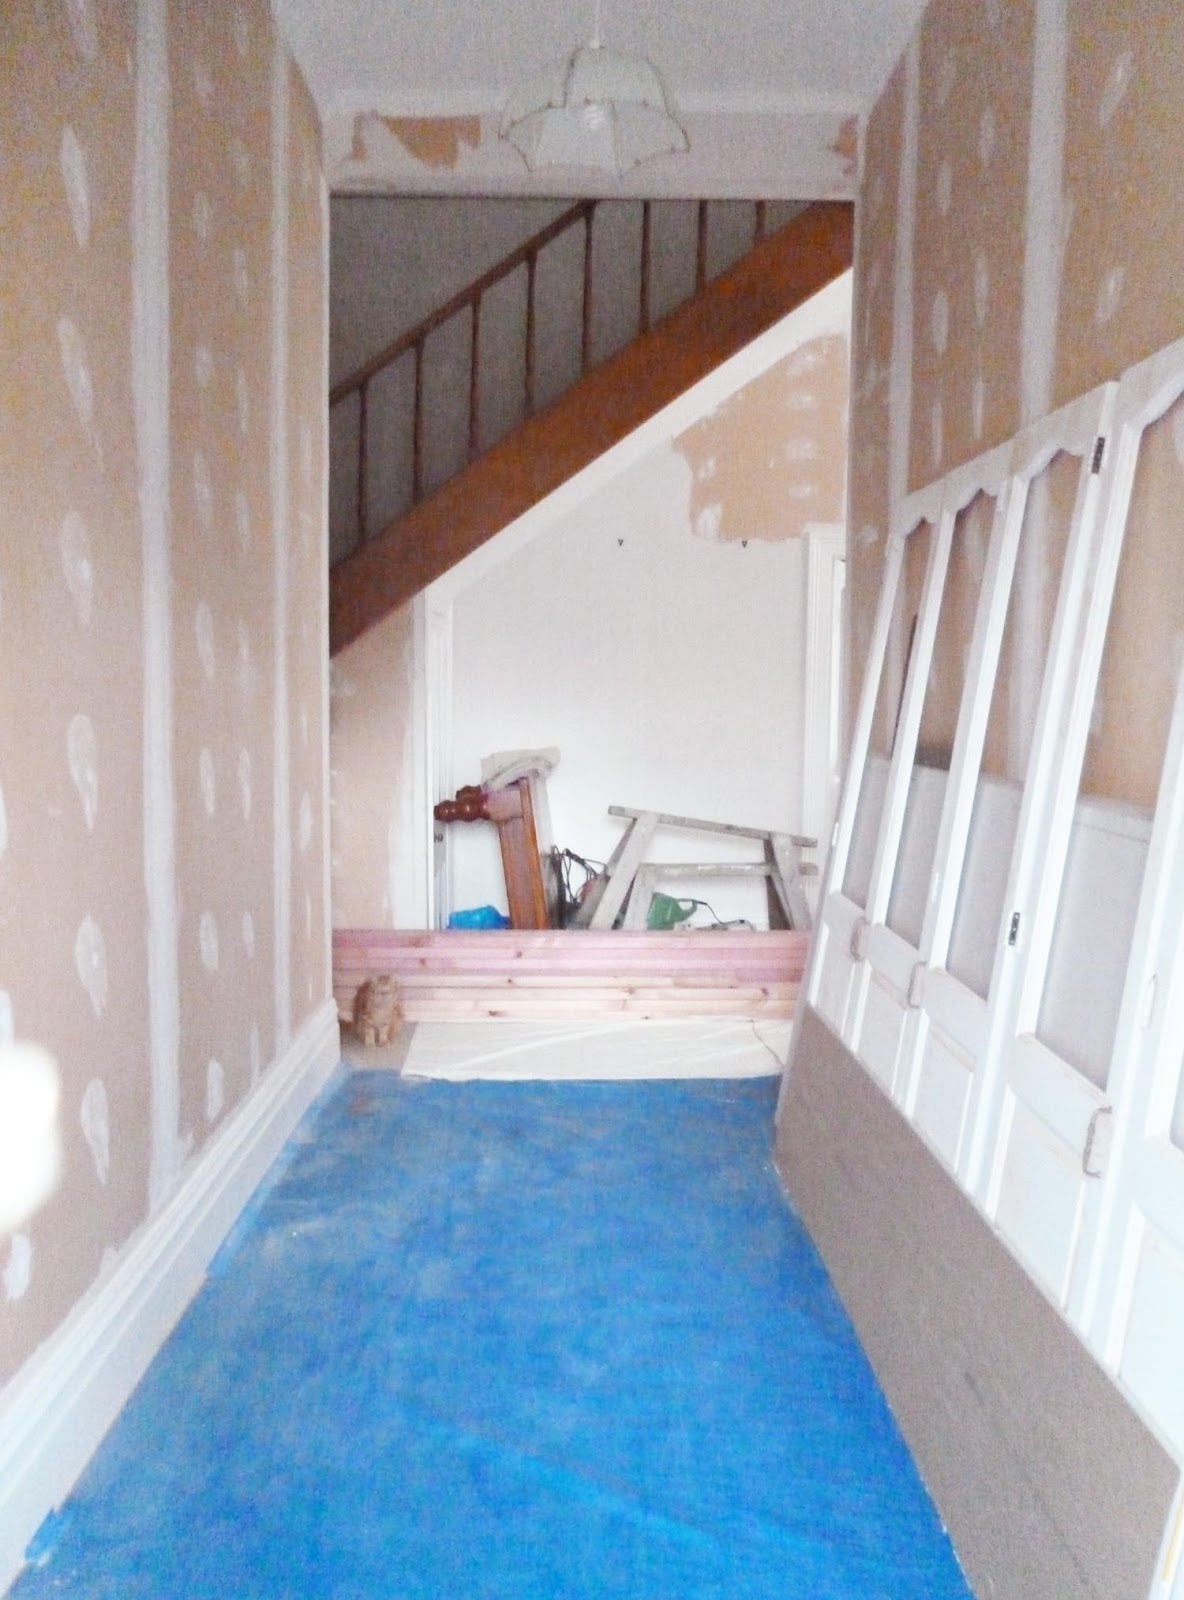 http://2.bp.blogspot.com/-GXFanl3iDrg/T3OcoqpMerI/AAAAAAAABsc/Gdc1PUMBYVw/s1600/Hallway+-+Jack\'s+room2.jpg